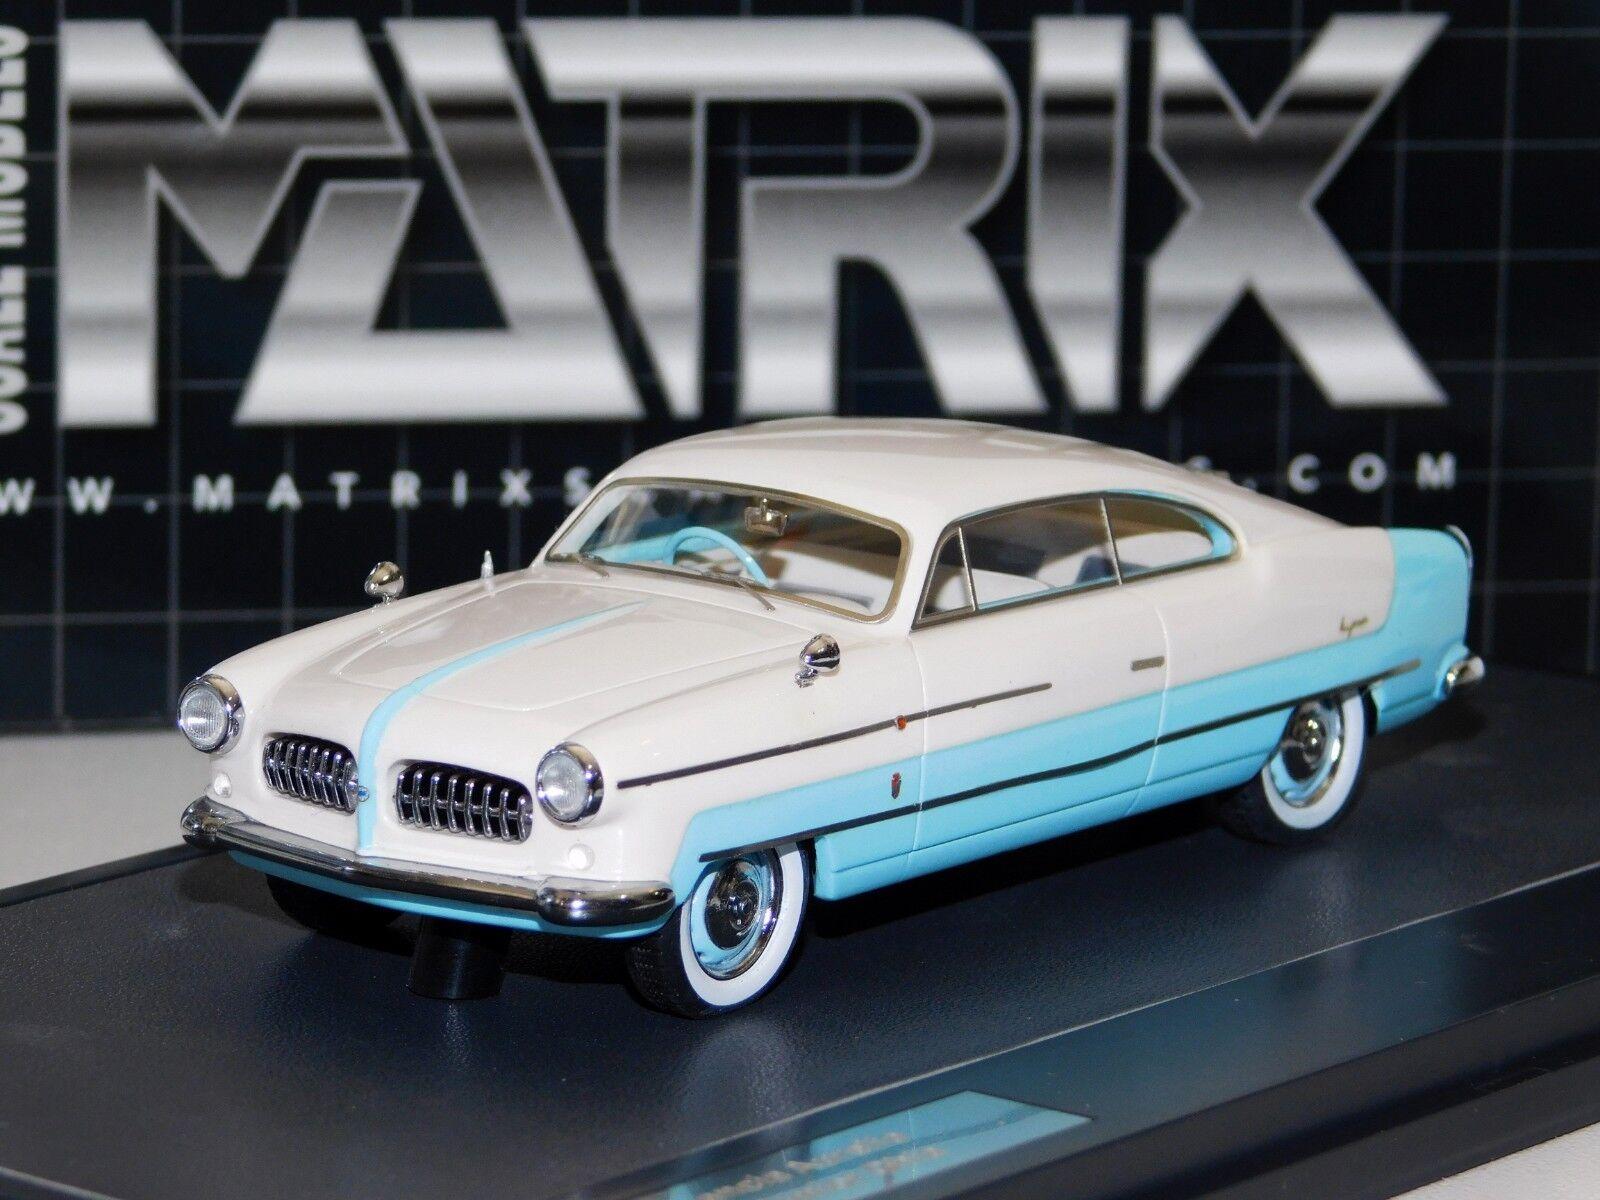 bienvenido a comprar LANCIA Aurelia B52 B Junior Ghia 1952 1952 1952 blancoo Azul matriz Lim. MX41203-021 1 43  ahorrar en el despacho